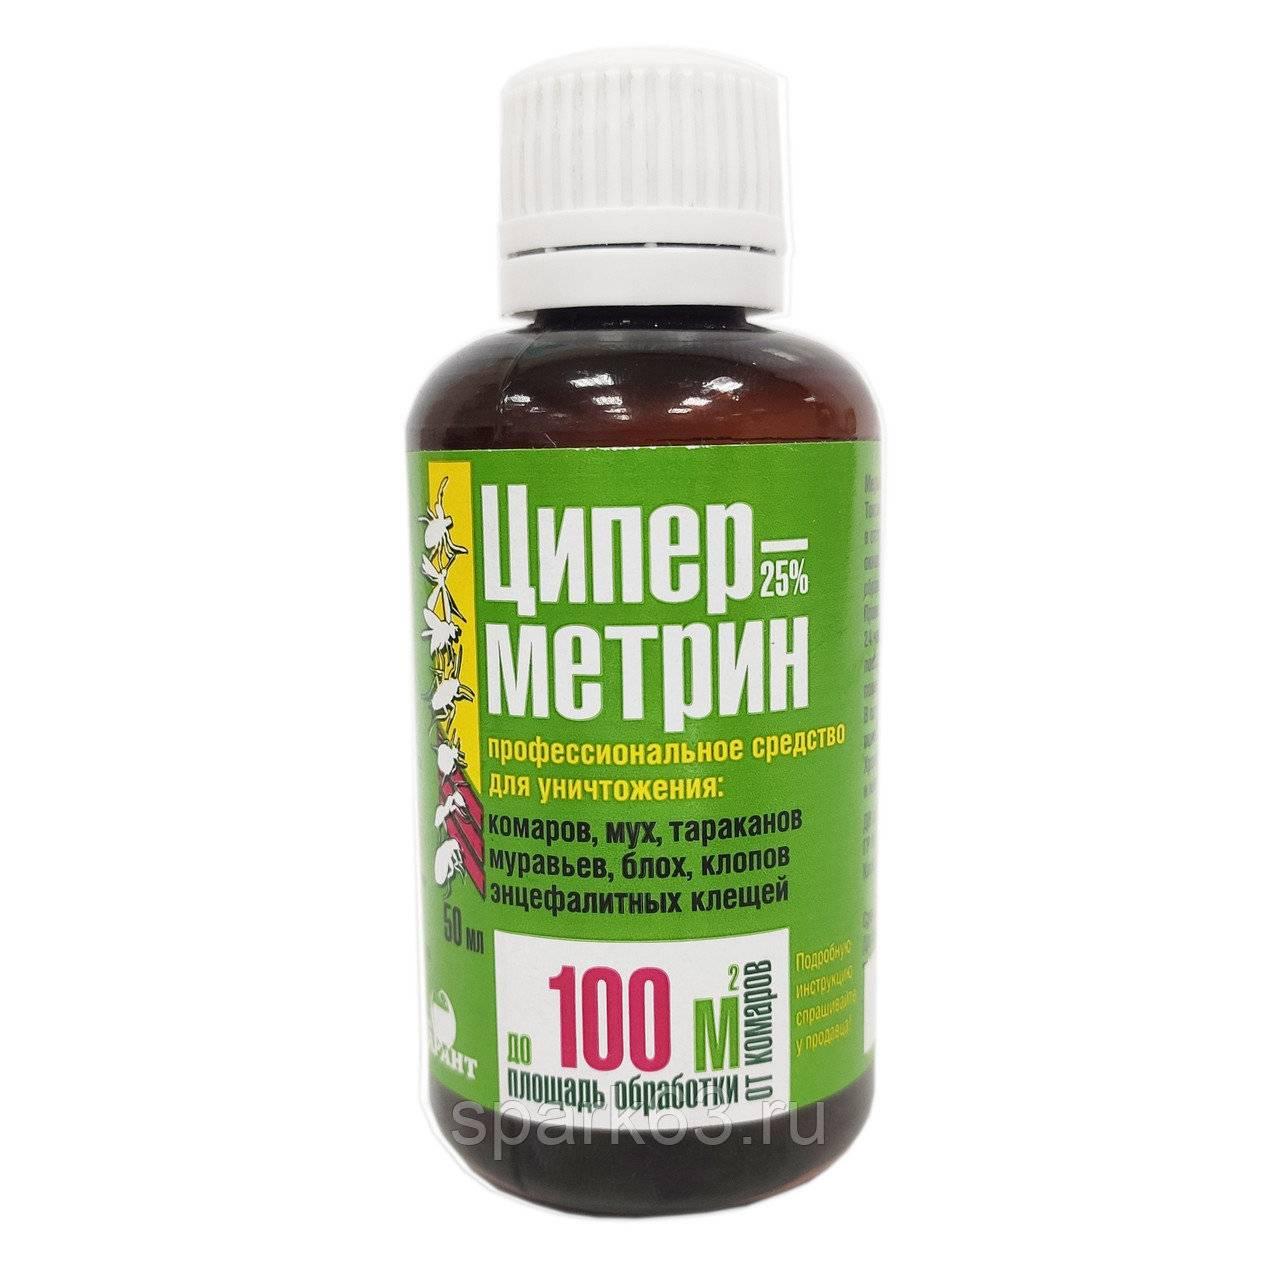 Циперметрин от комаров - инструкция по применению и отзывы